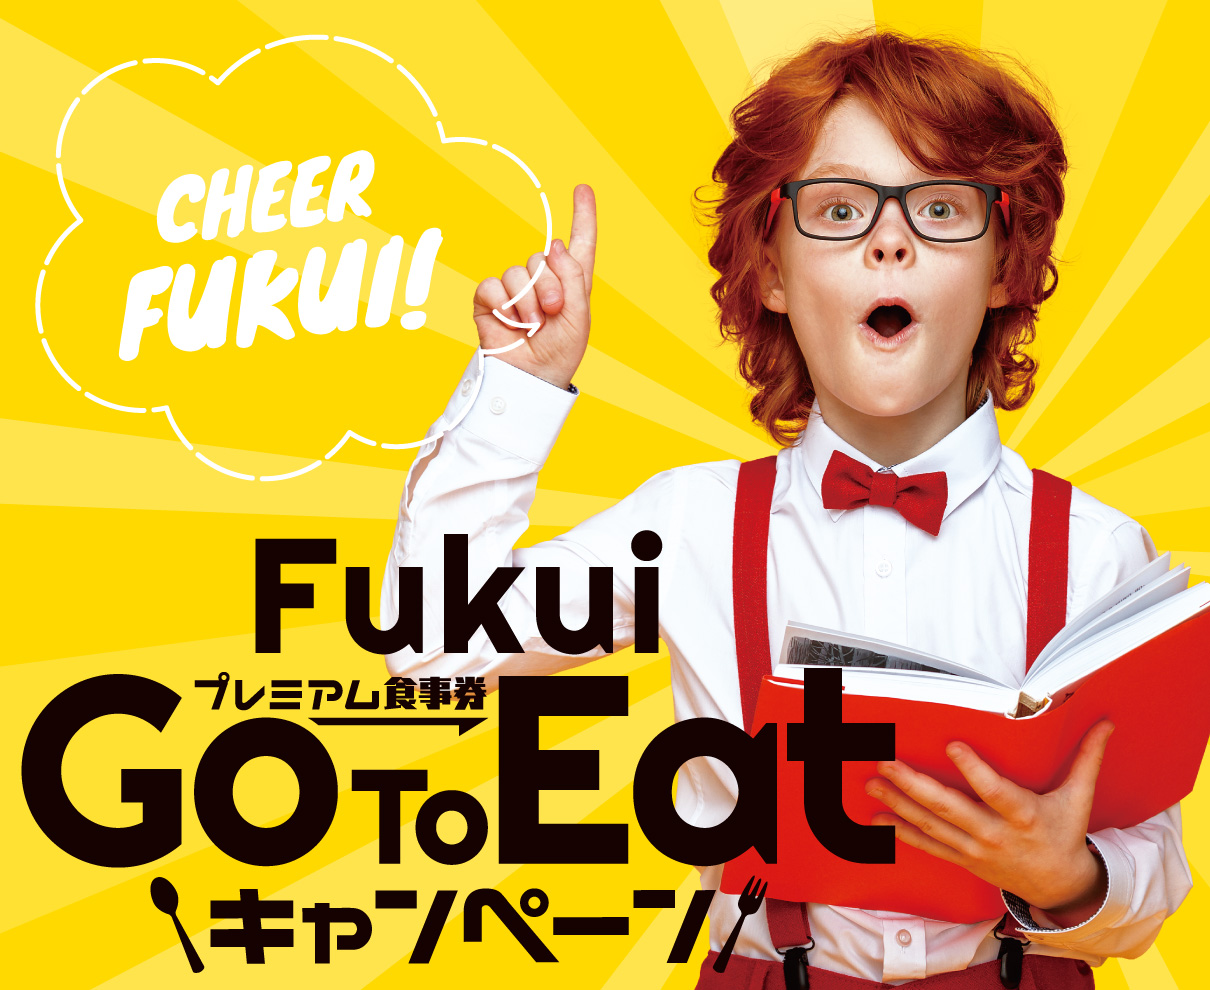 販売期間は11月15日、利用期間は12月15日まで!『福井県GoToEatキャンペーン』